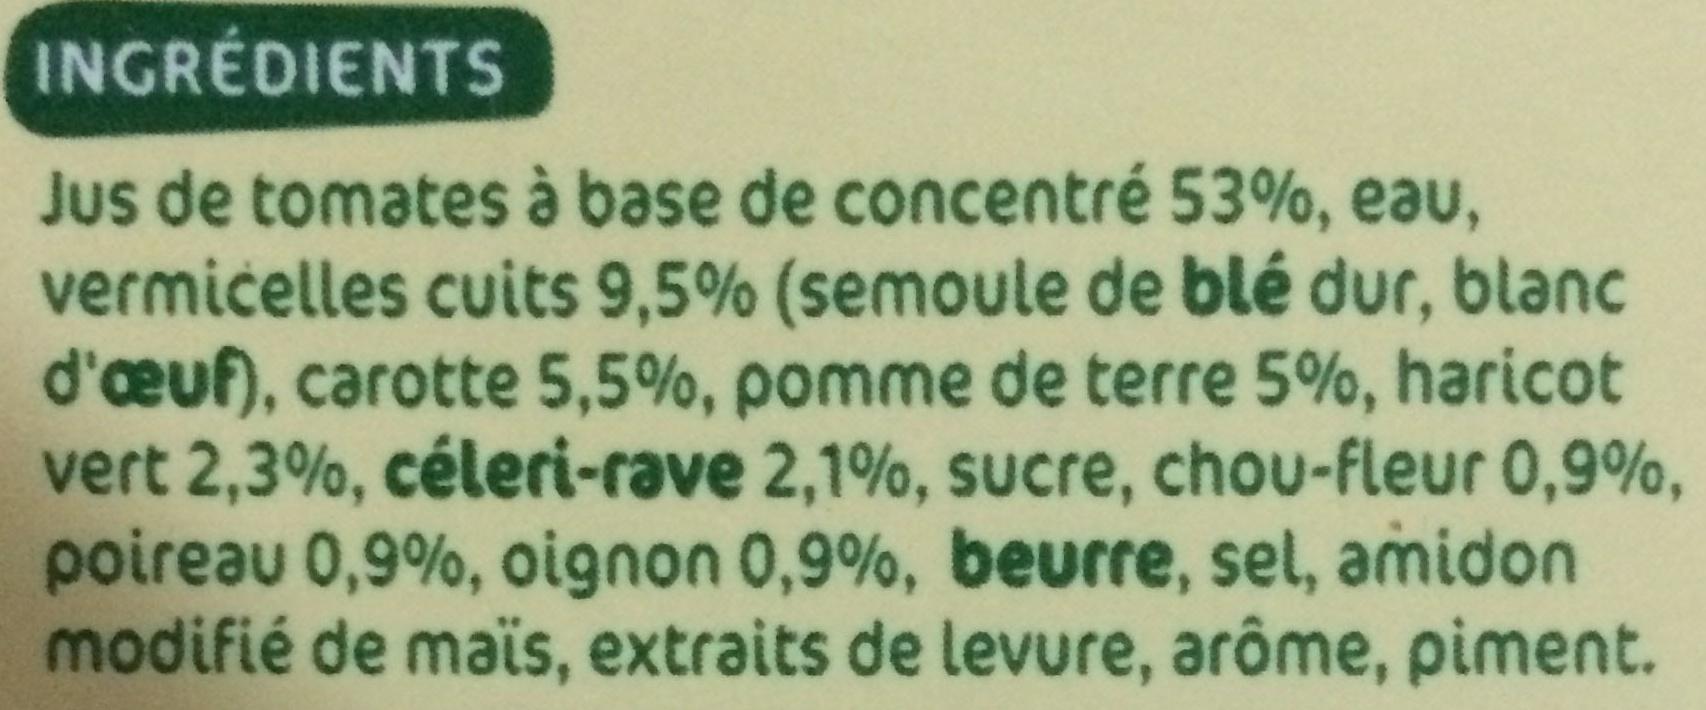 Soupe de Tomates et Vermicelles - Ingrédients - fr